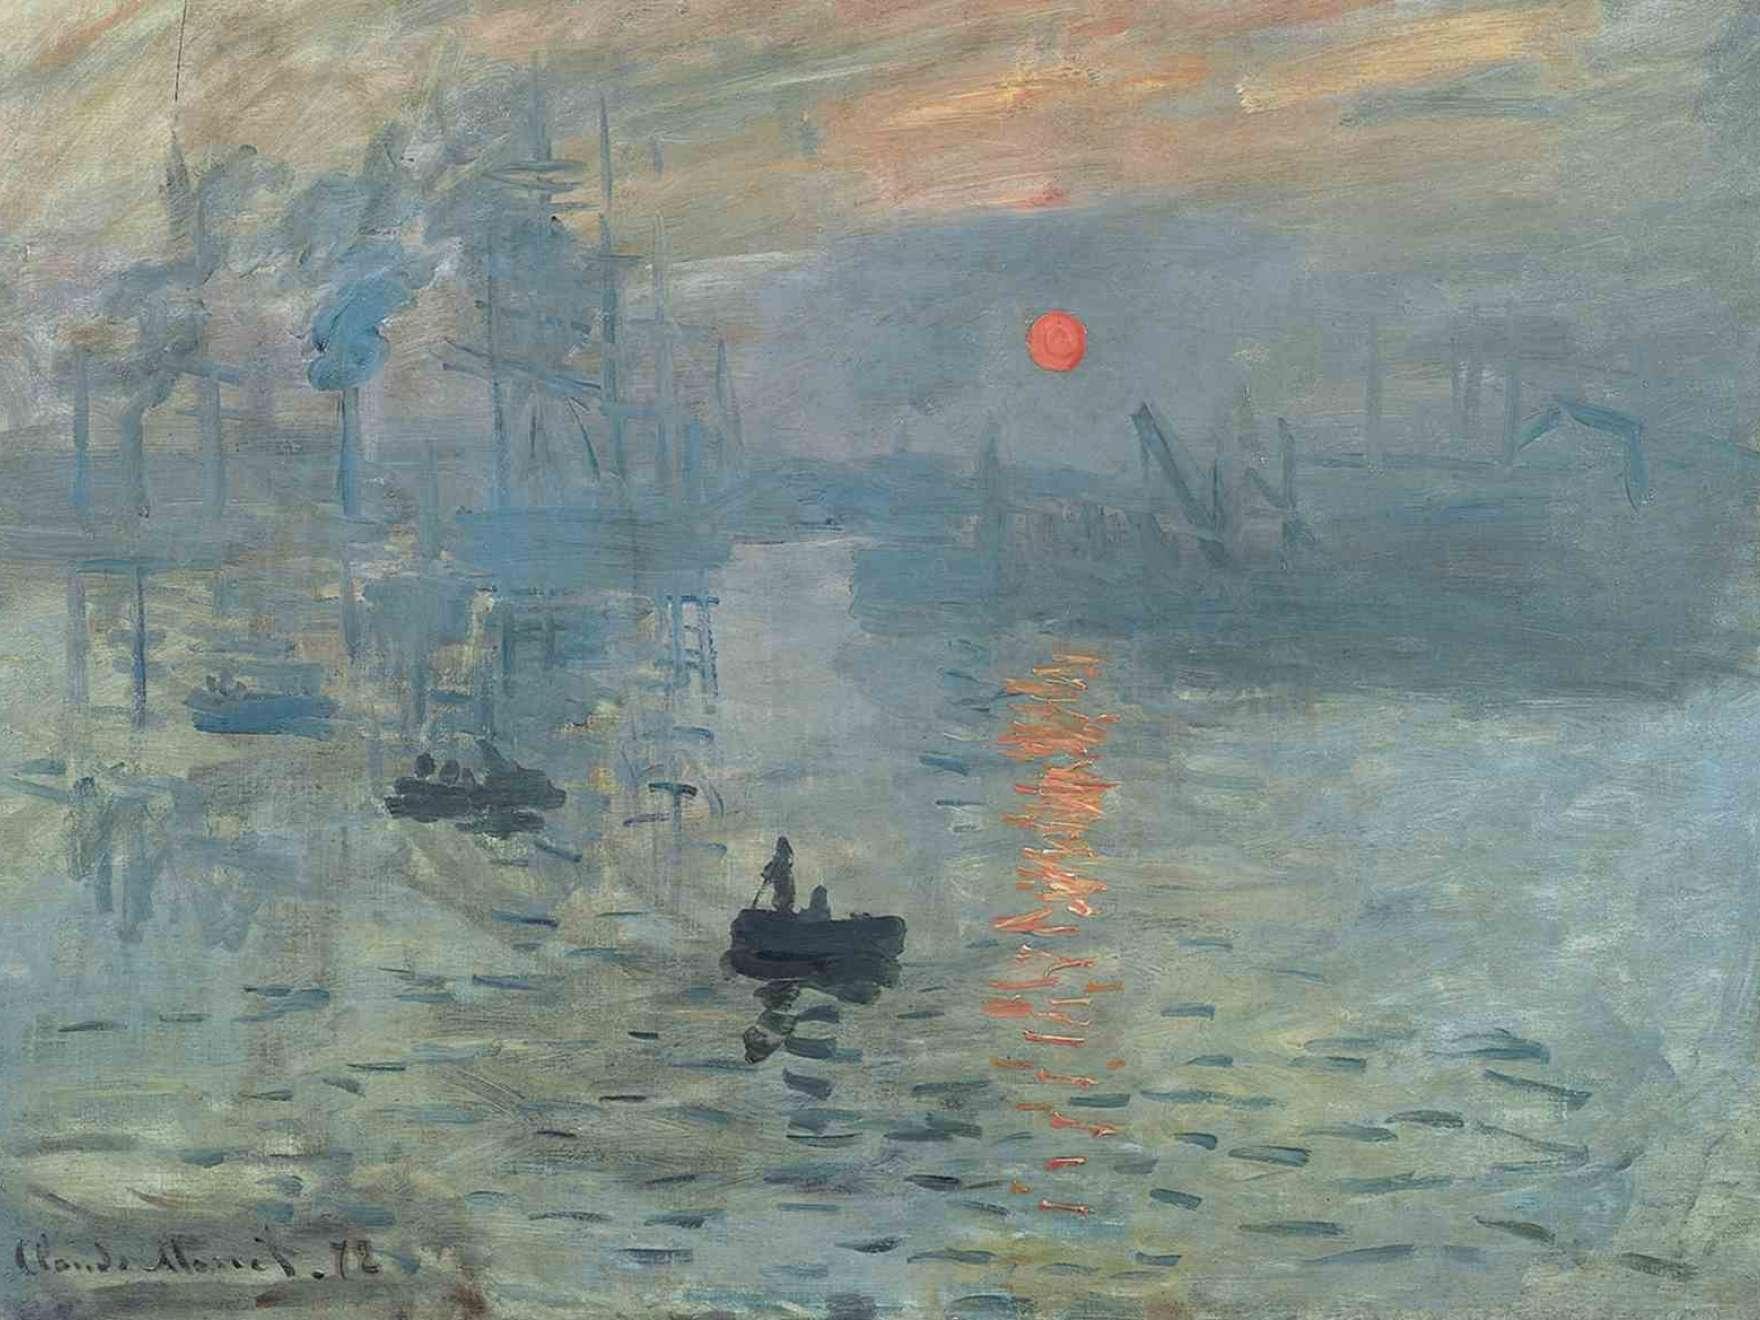 Film Still: I, Claude Monet